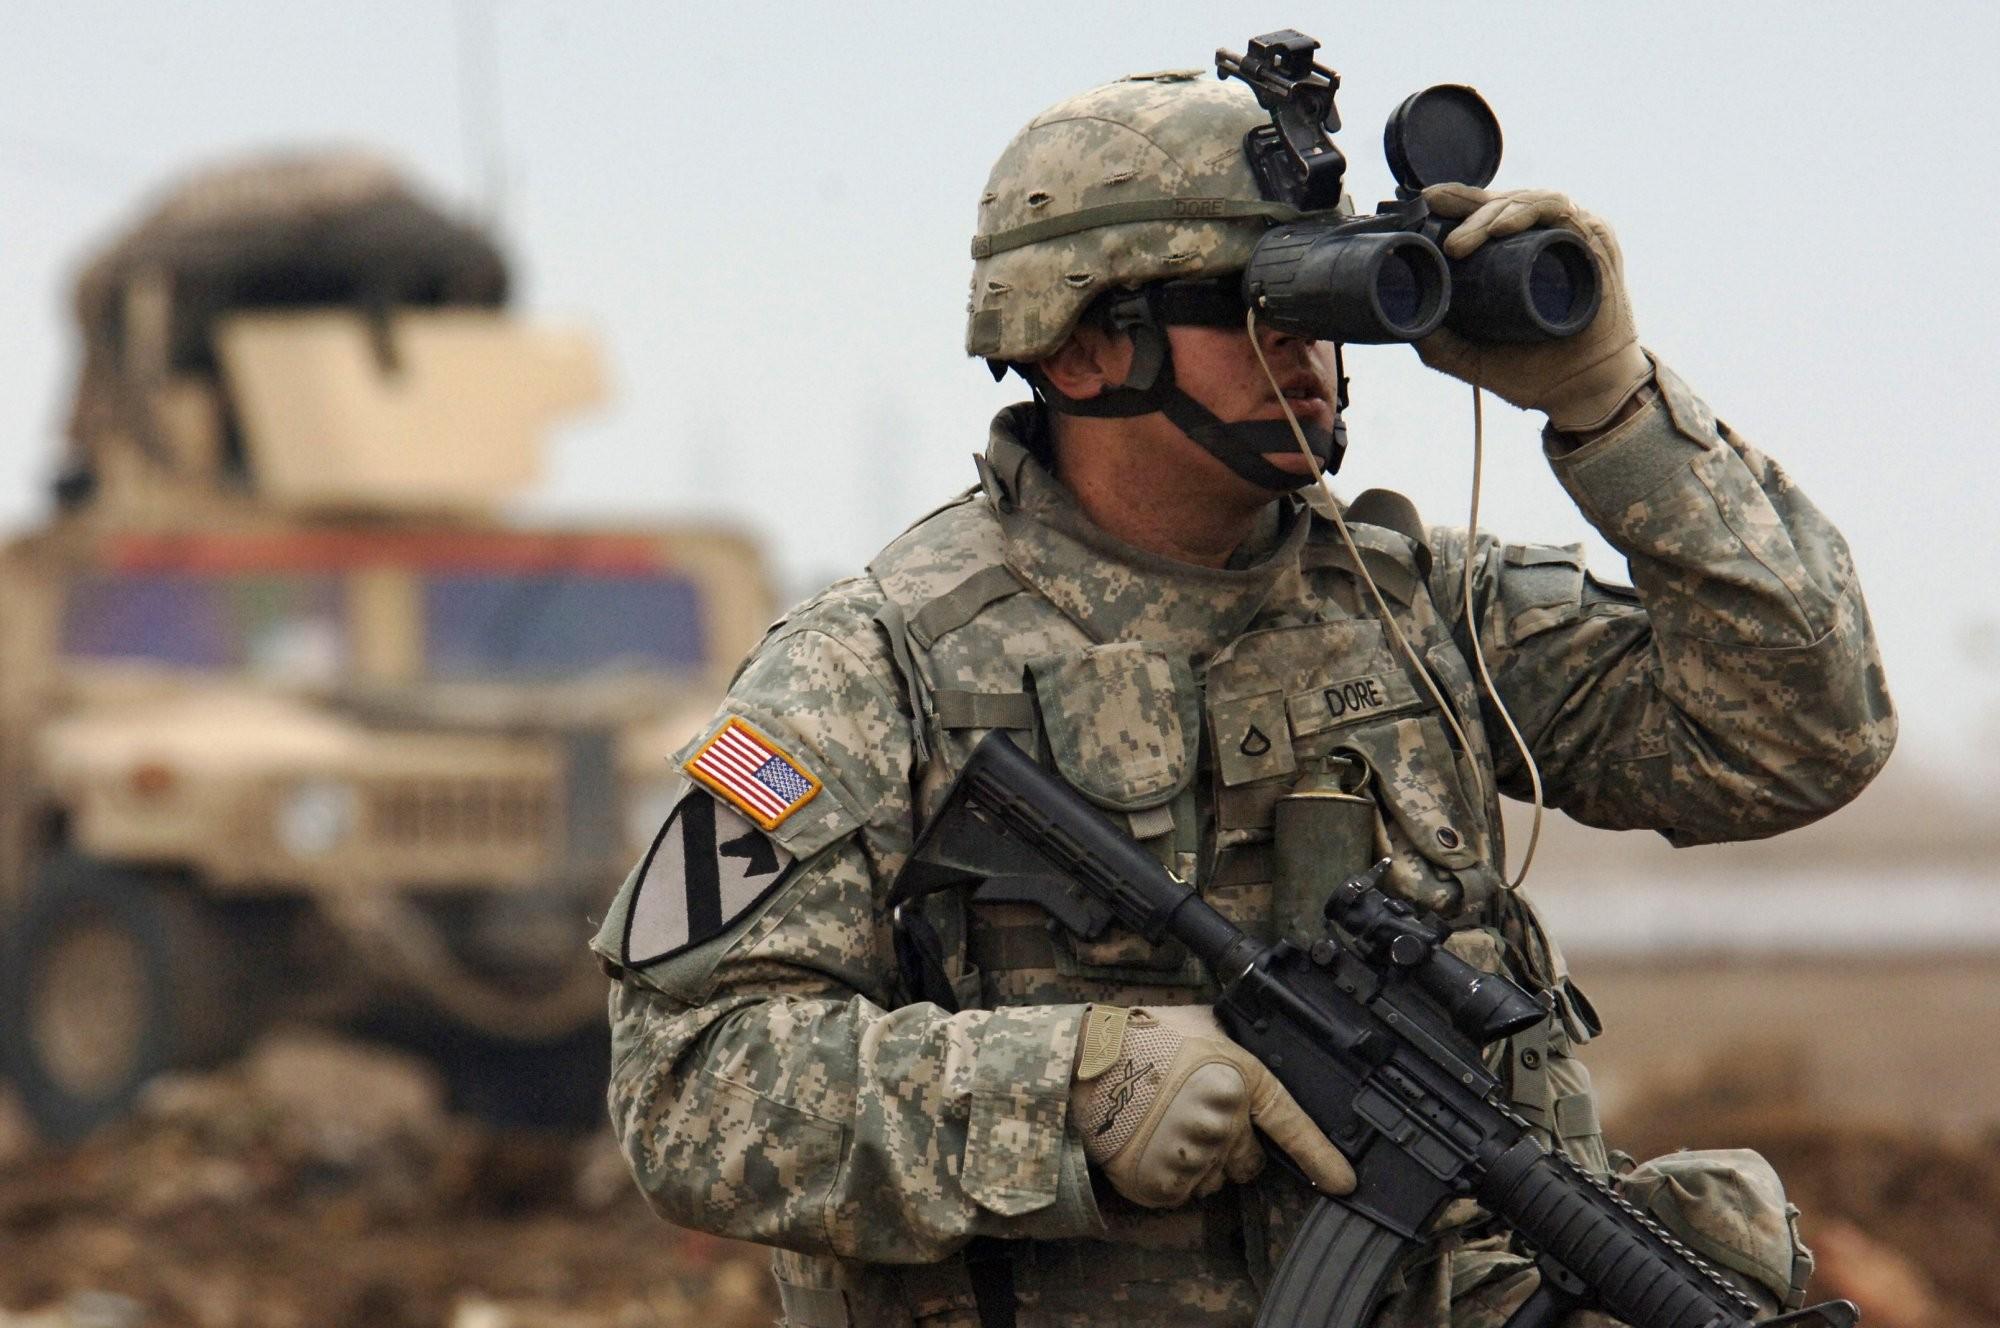 картинки солдат америки них является фейсбилдинг